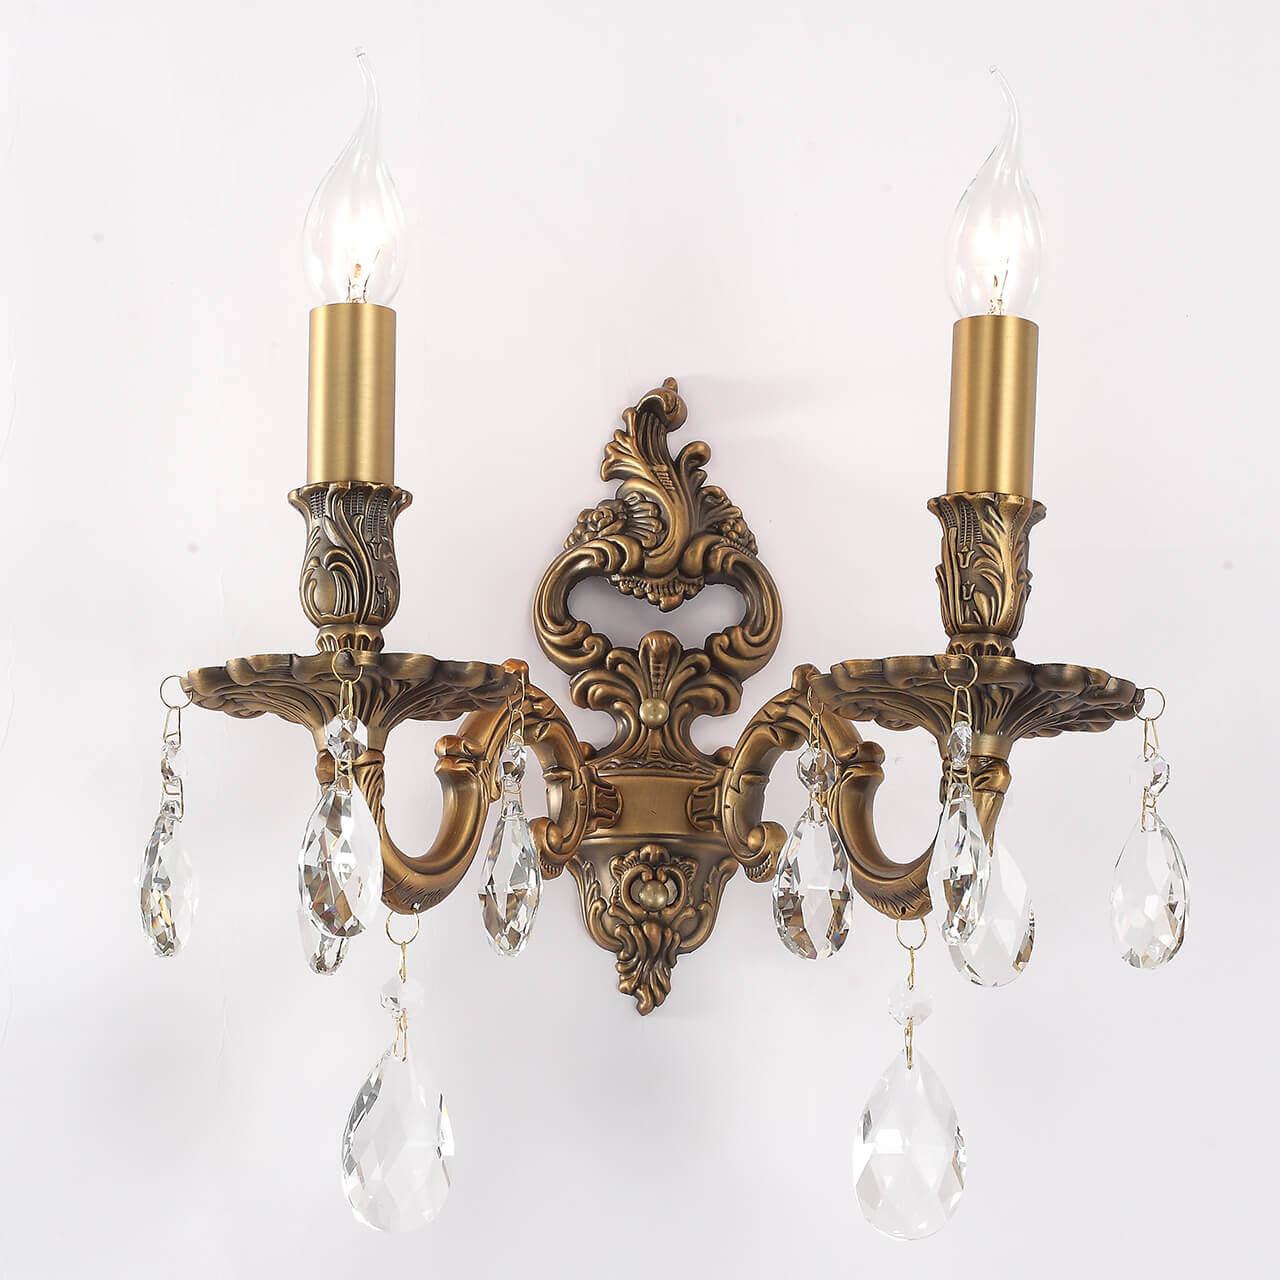 Бра Lucia Tucci Barletta W1730.2 Antique все цены